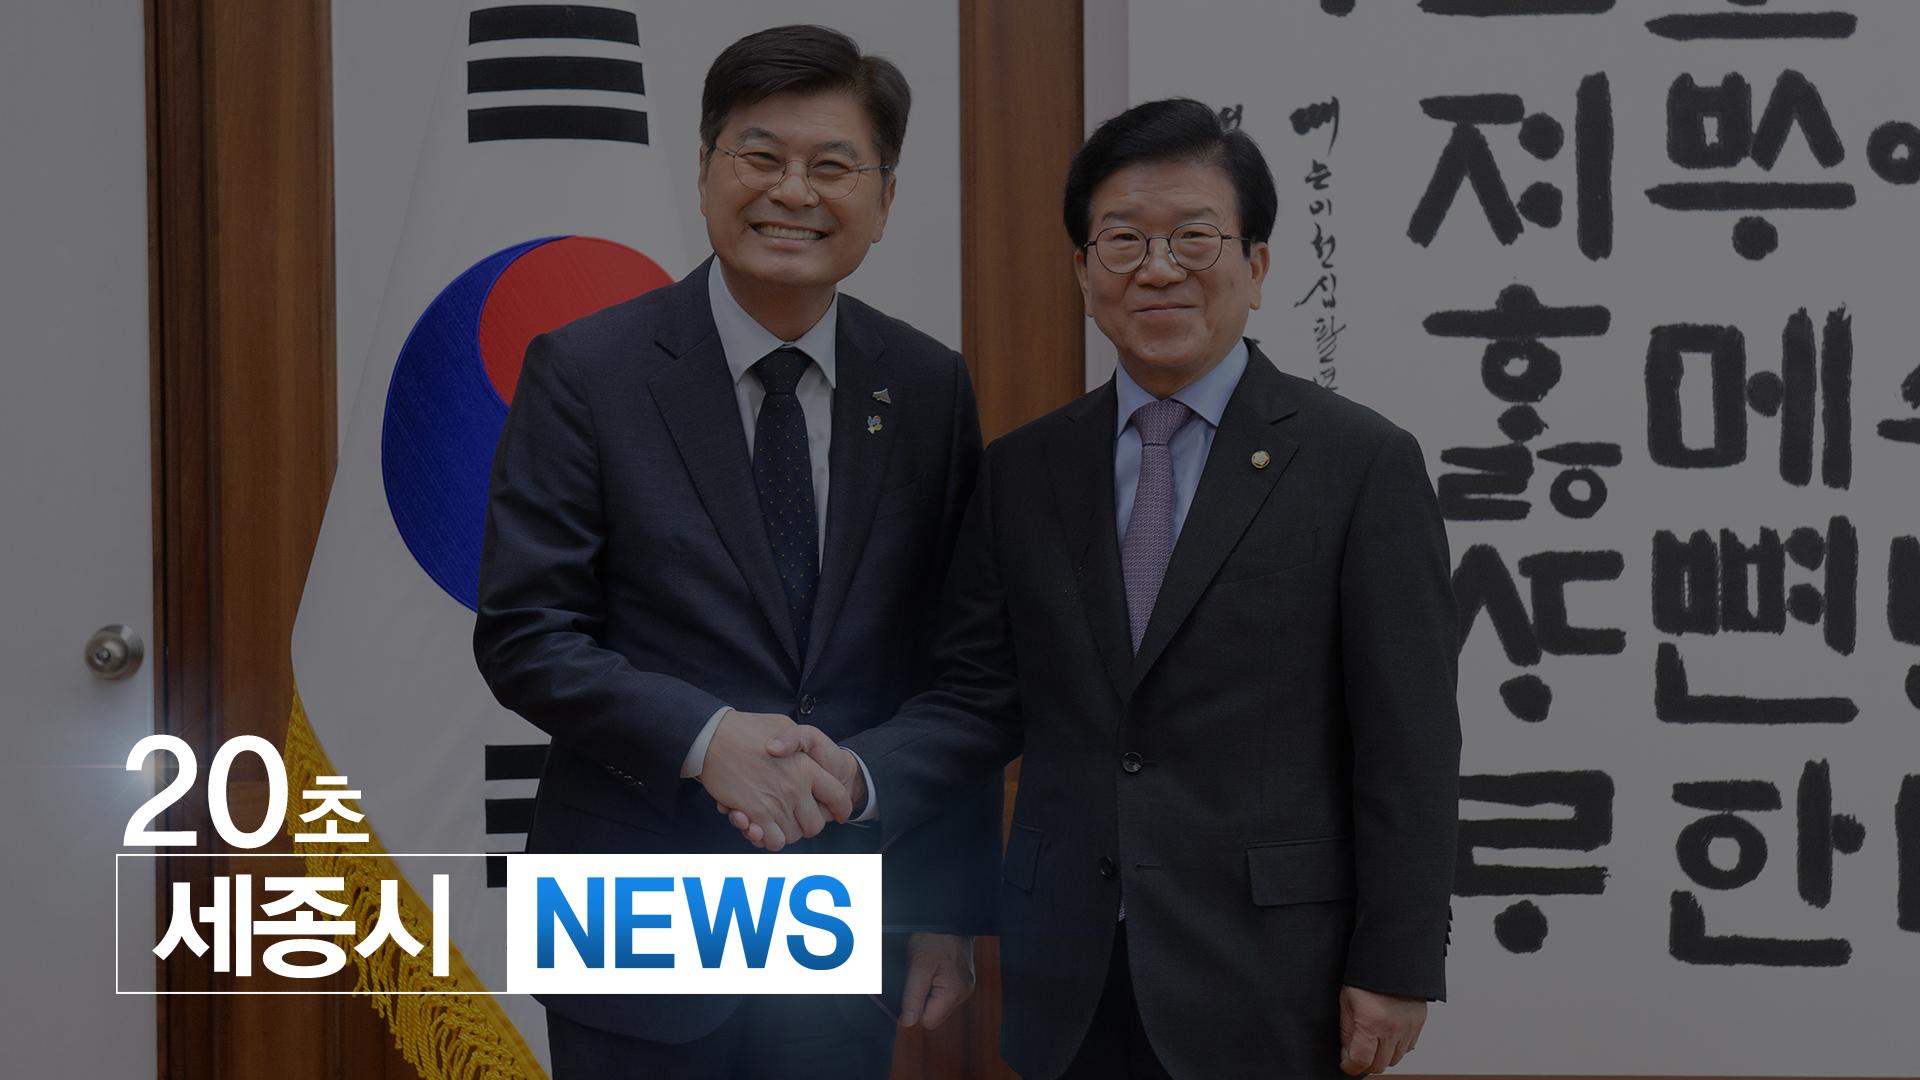 <20초뉴스> 박병석 국회의장·조재연 법원행정처장 면담